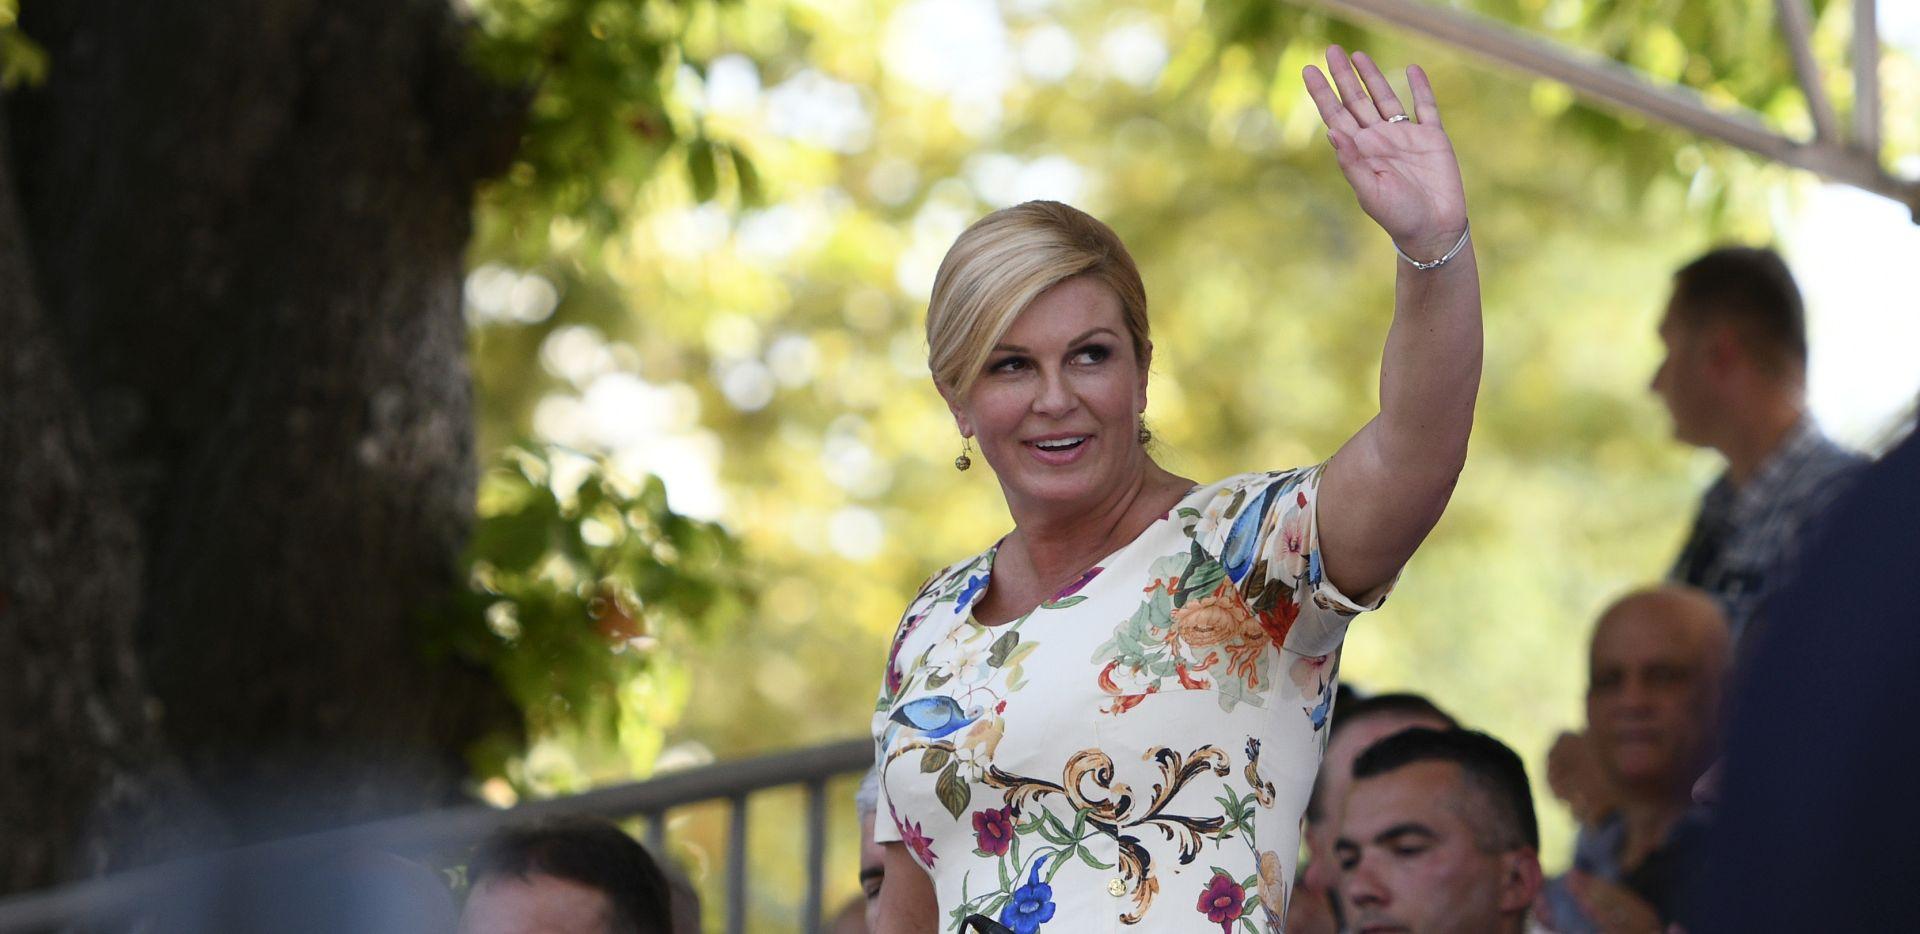 9. STANICA TURNEJE Predsjednica seli ured u Ličko-senjsku županiju